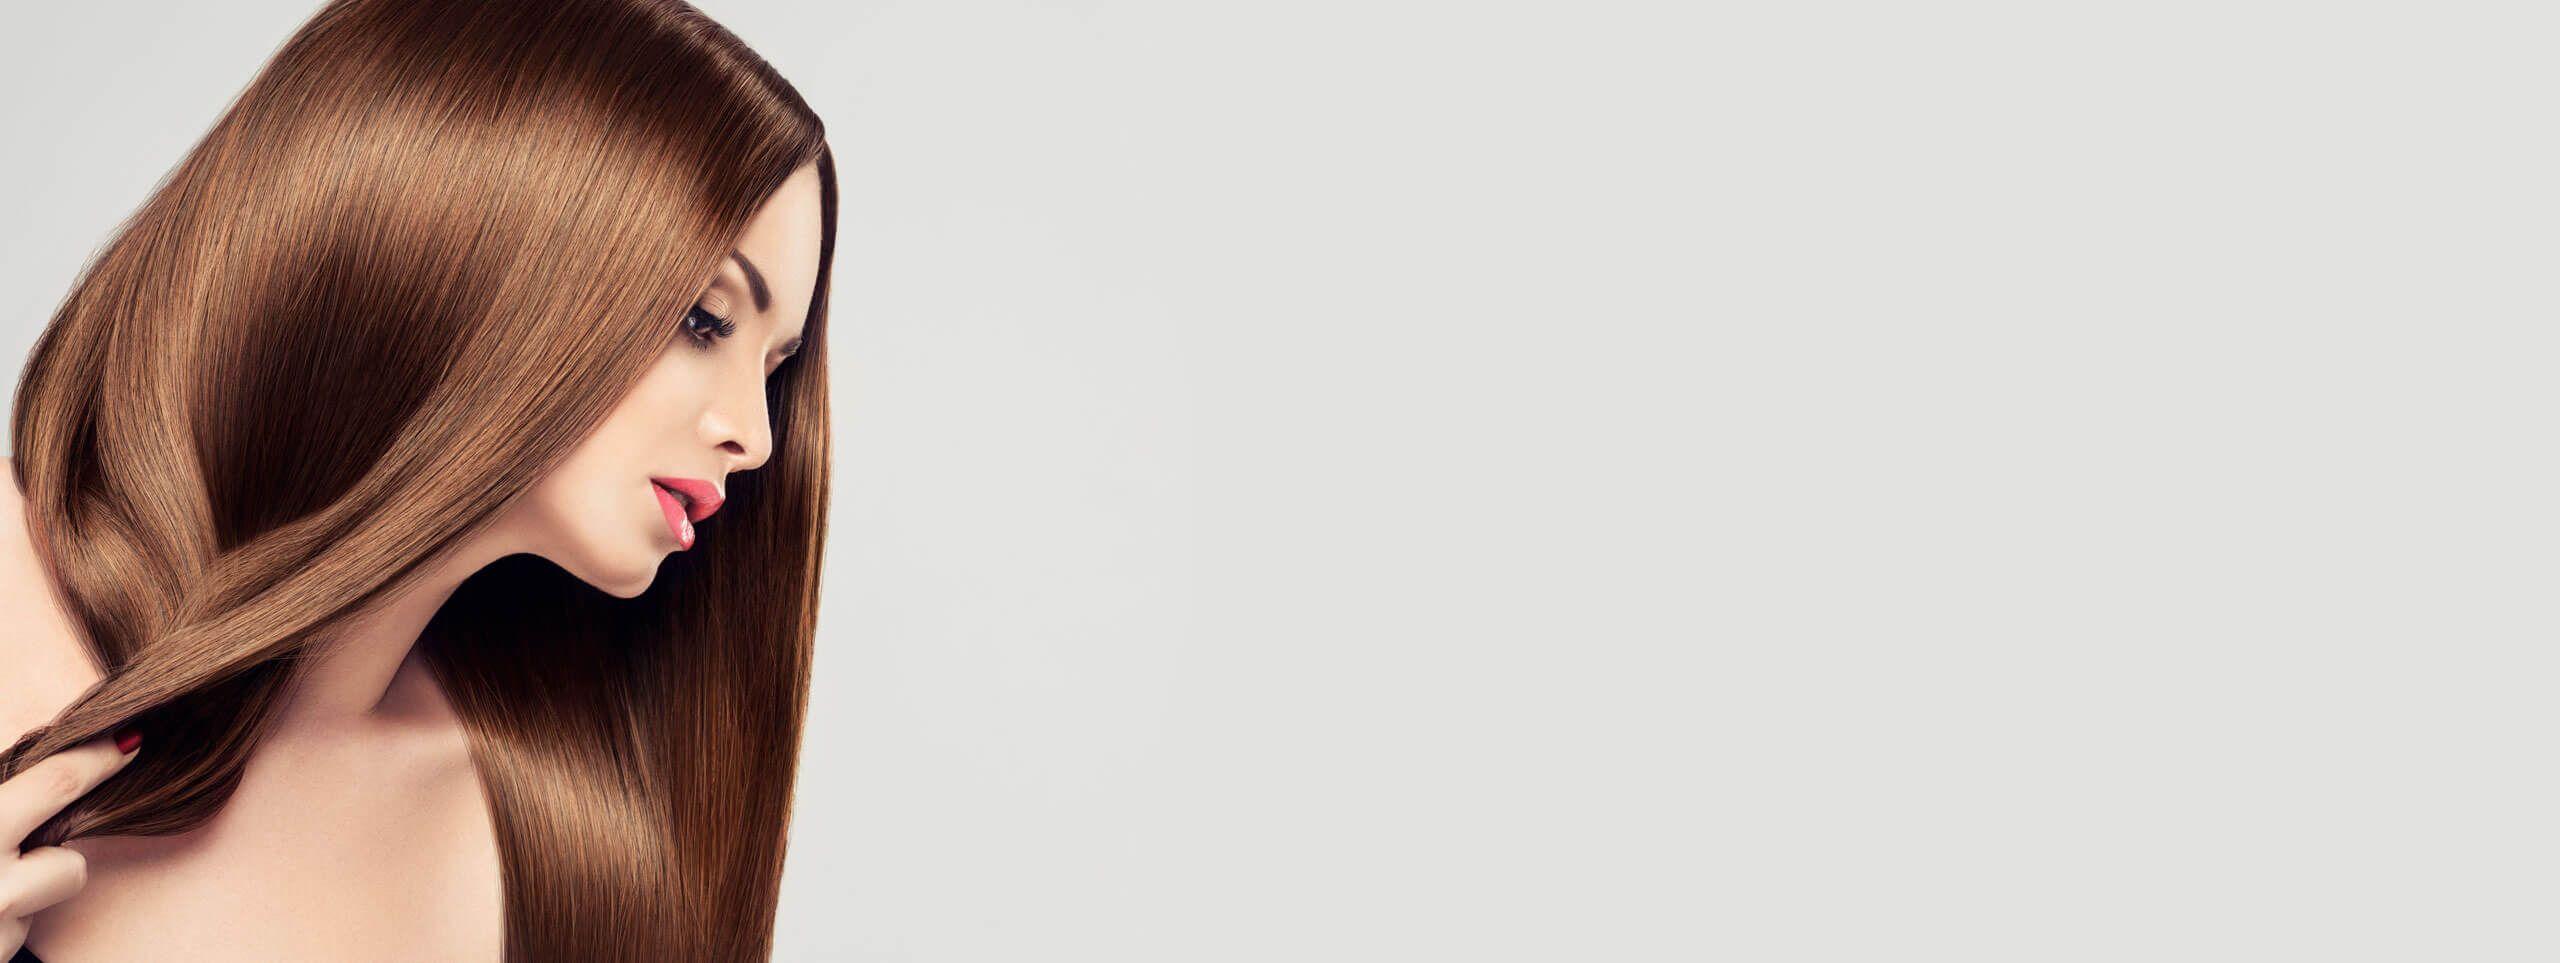 Cura dei capelli: modella con capelli lunghi castani fluidi e lucenti